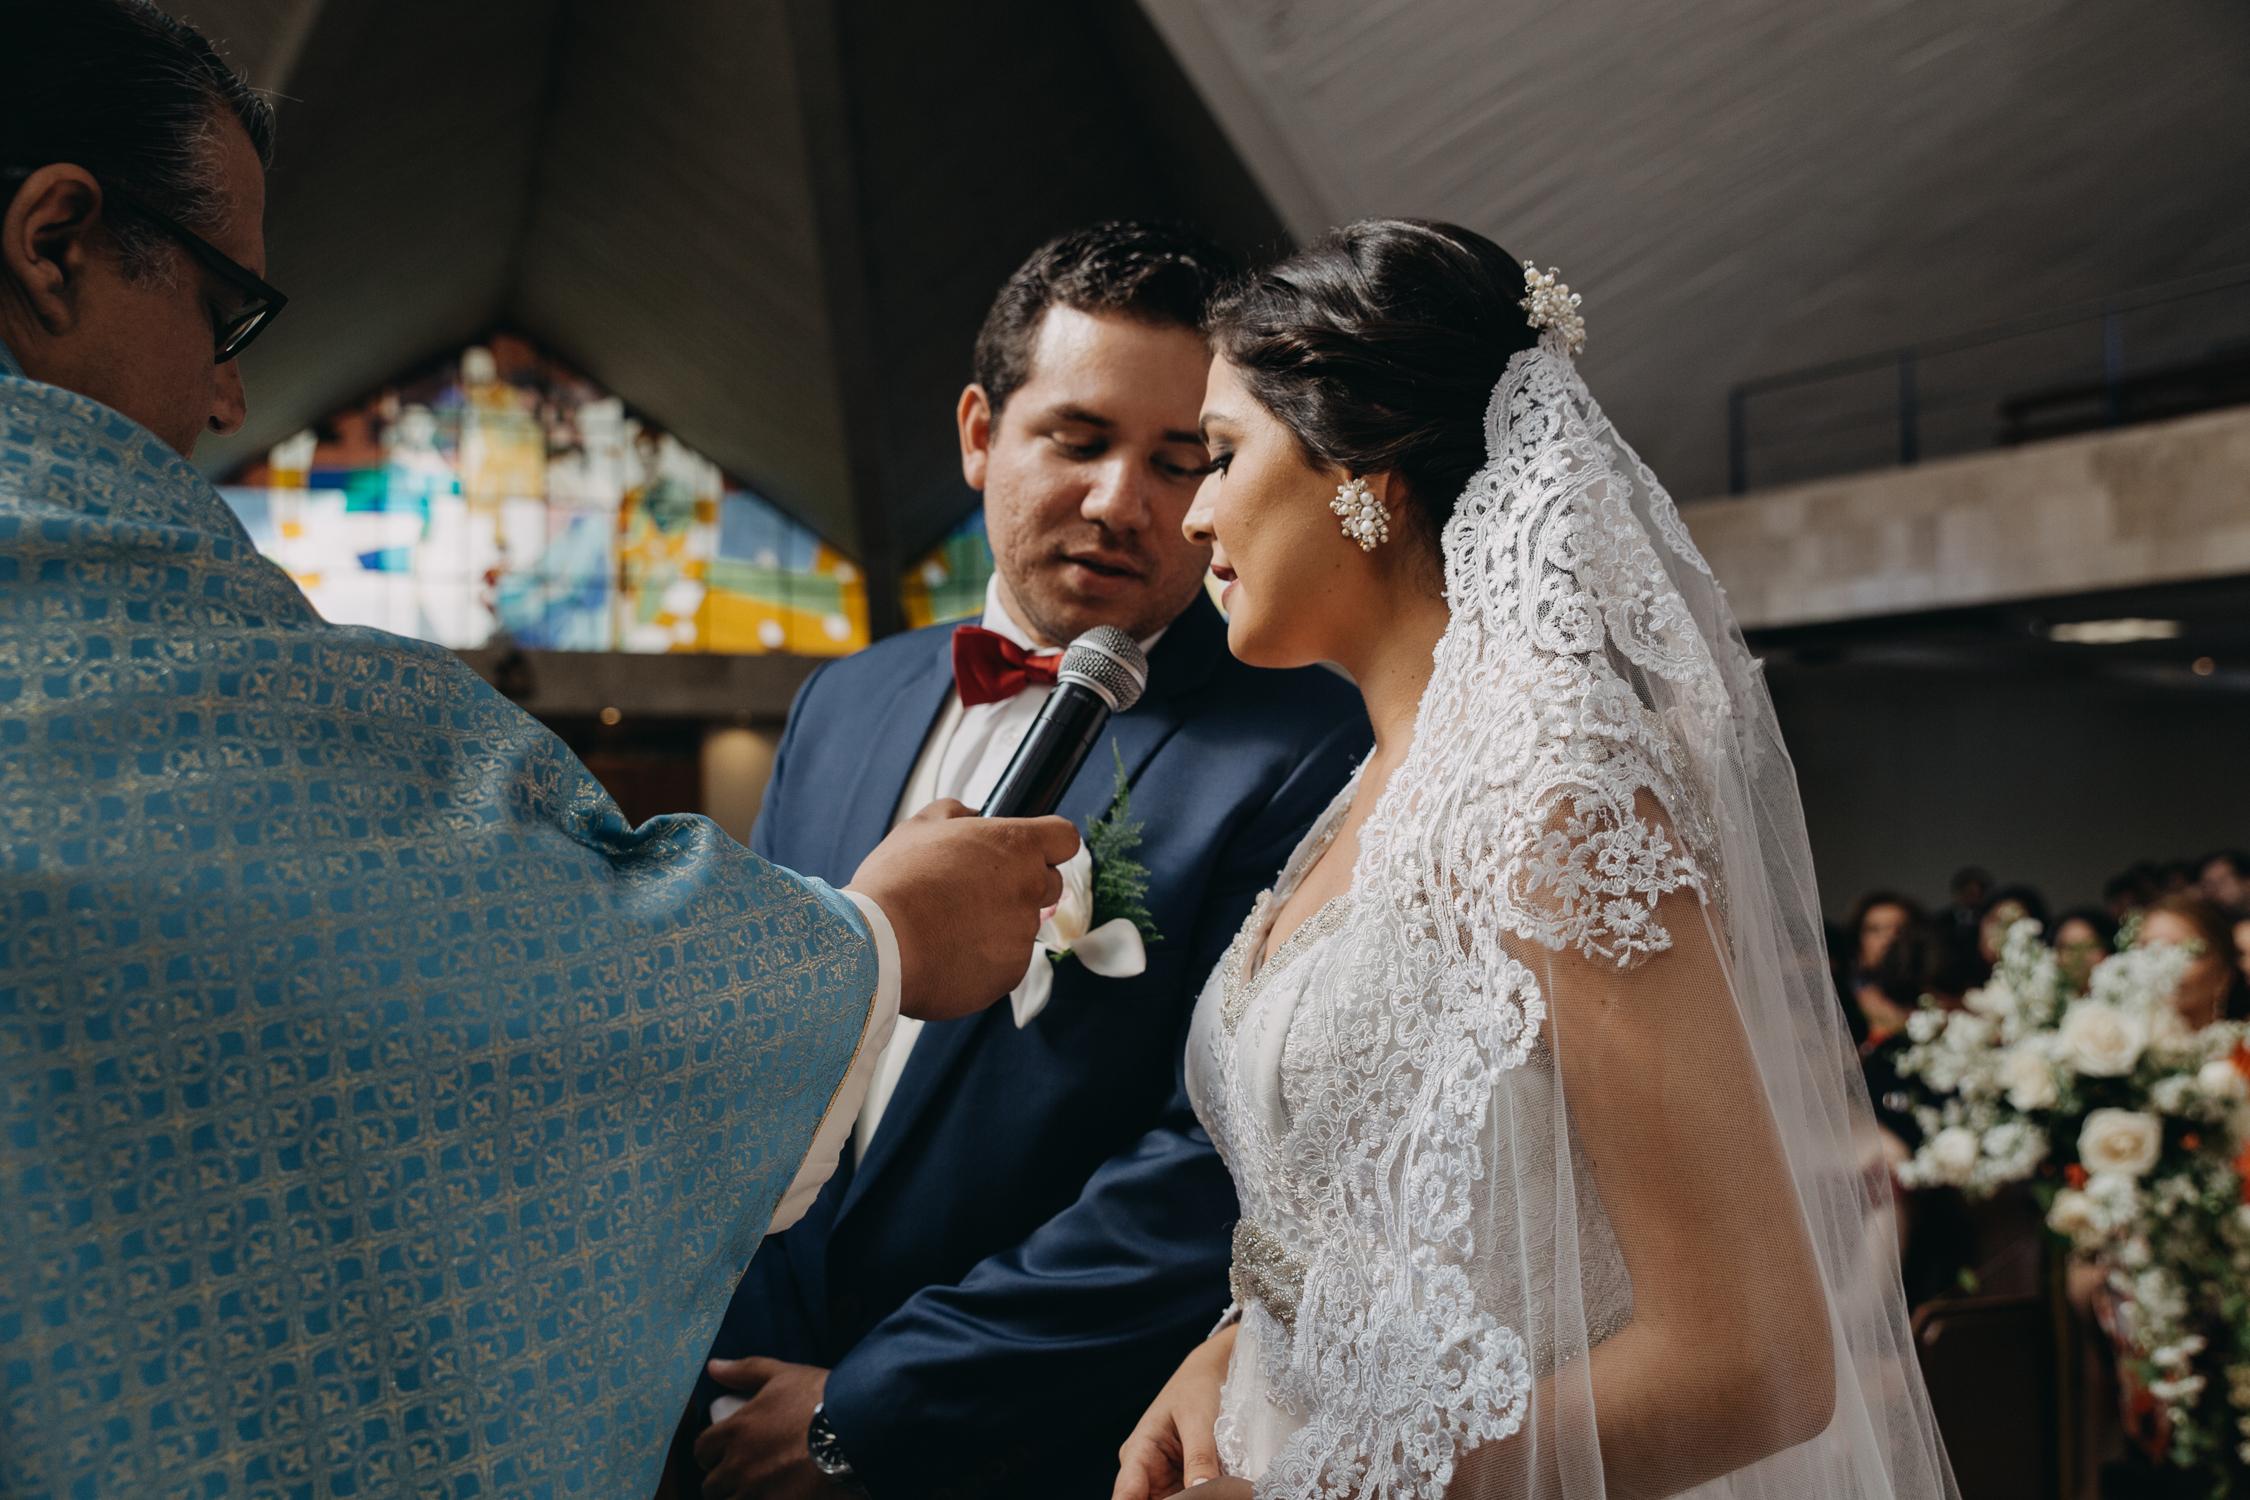 Michelle-Agurto-Fotografia-Bodas-Ecuador-Destination-Wedding-Photographer-Cristi-Luis-41.JPG